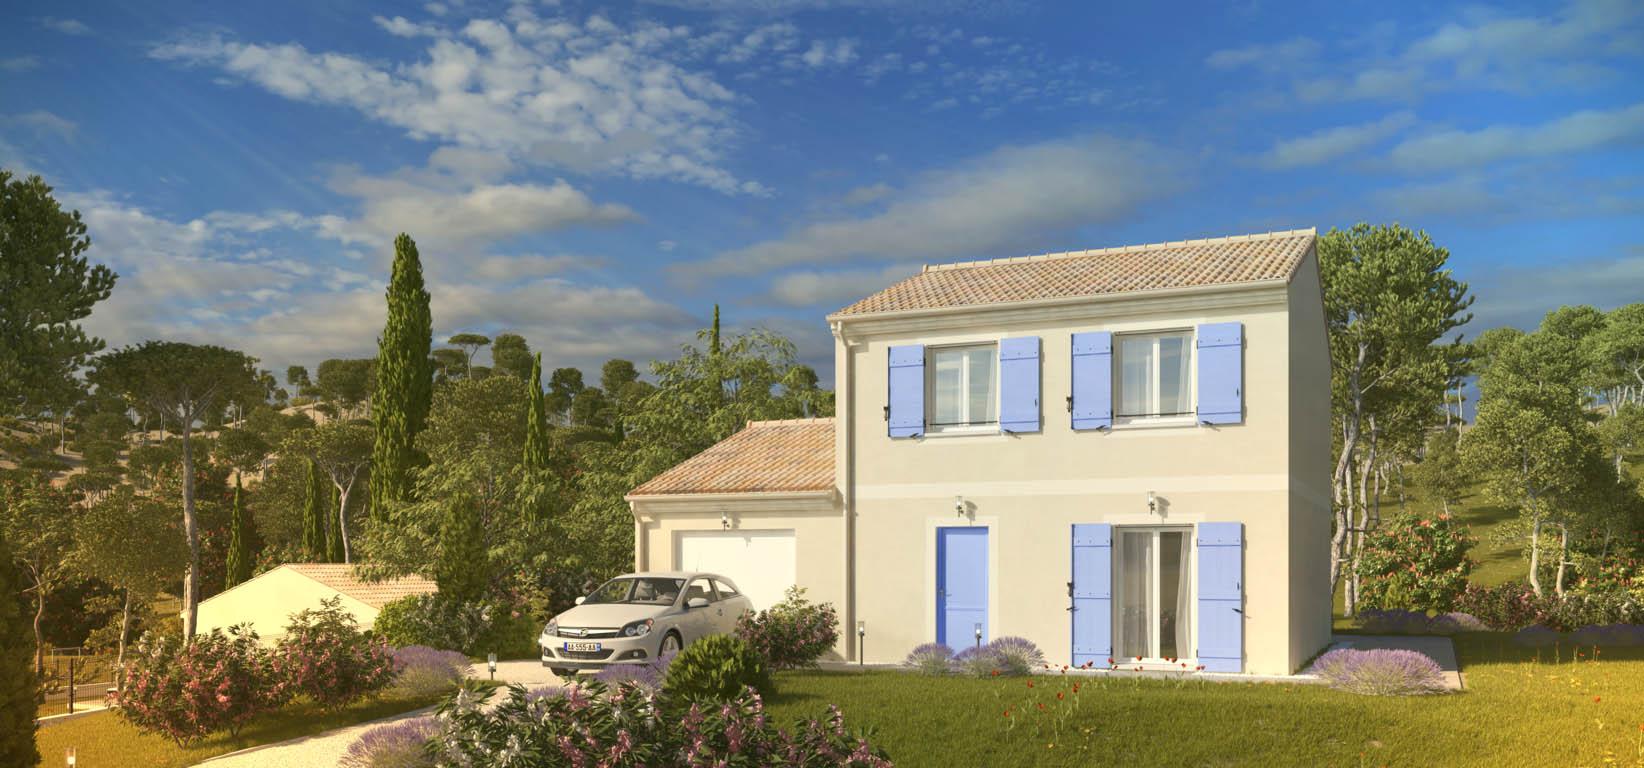 Maisons du constructeur MAISONS PIERRE SAINT NAZAIRE • 92 m² • PRINQUIAU